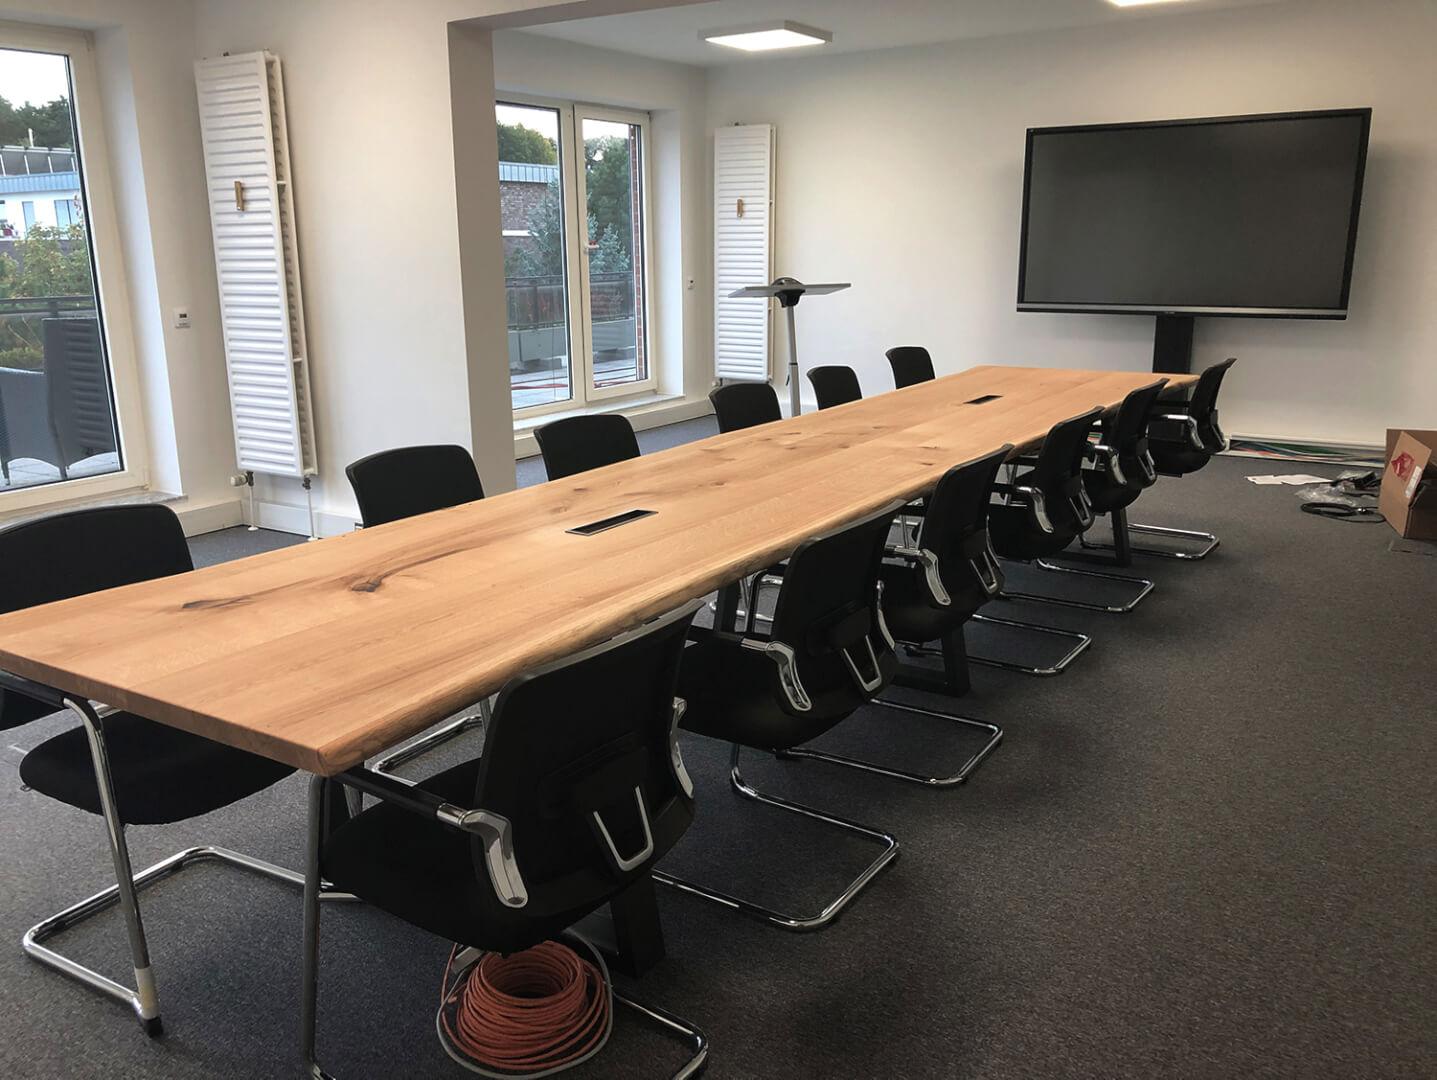 Konferenztisch Massivholz Eiche | Eichenholz Konferenztisch